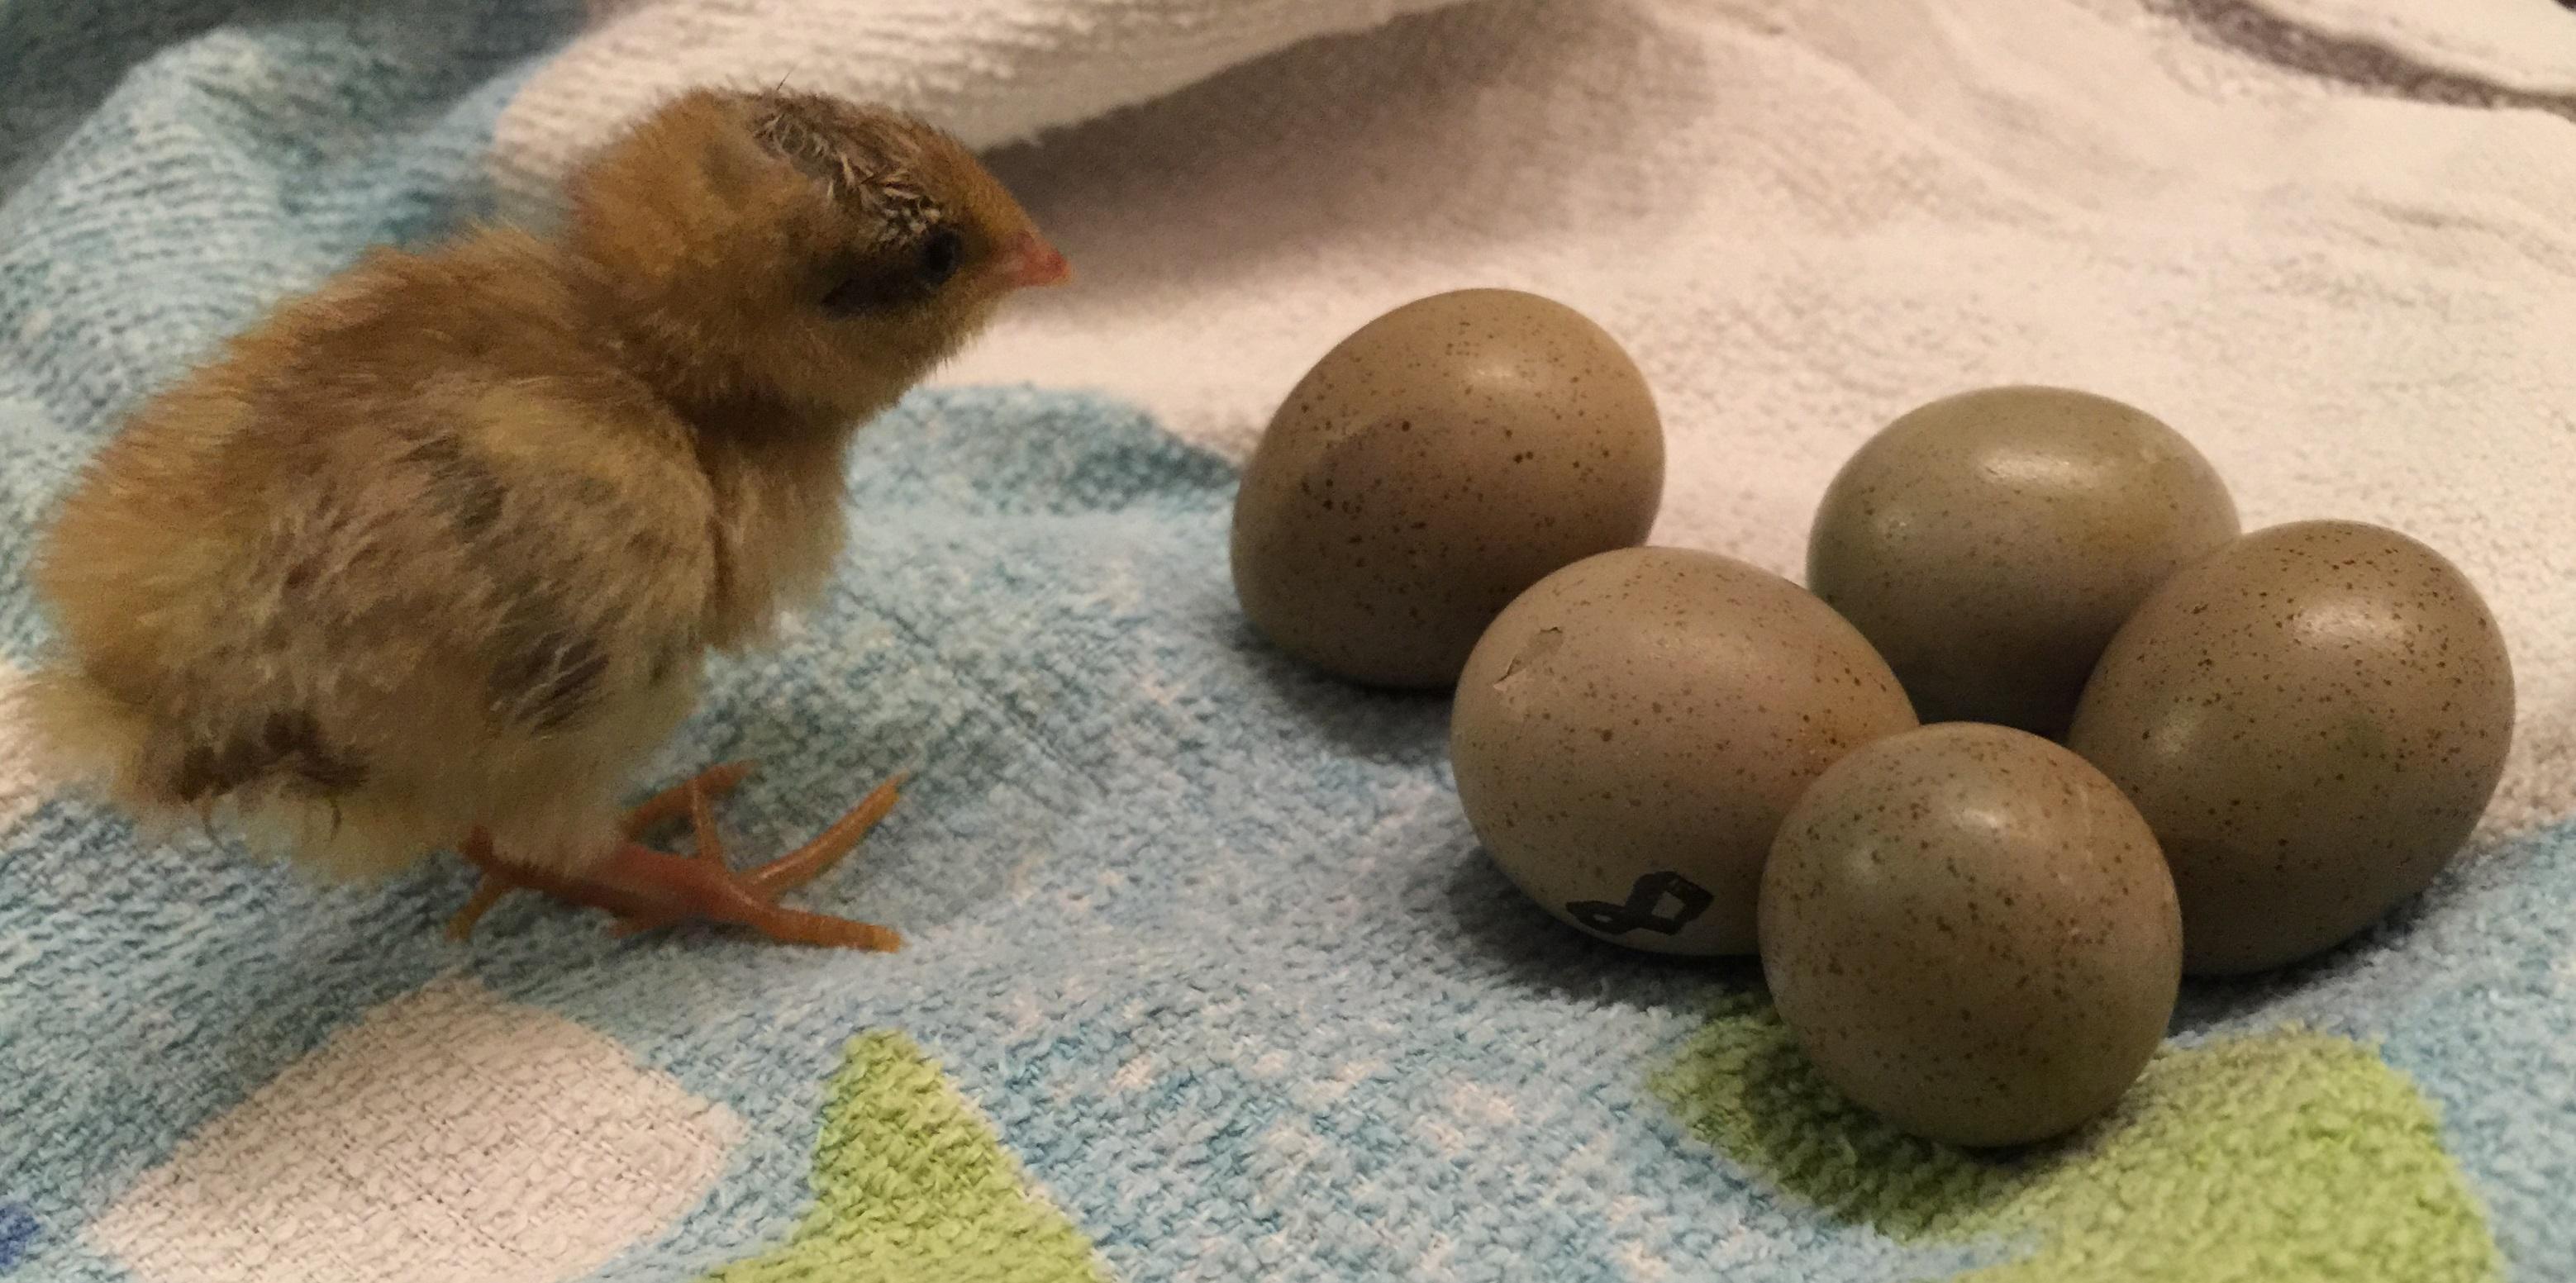 egg-incubator-5